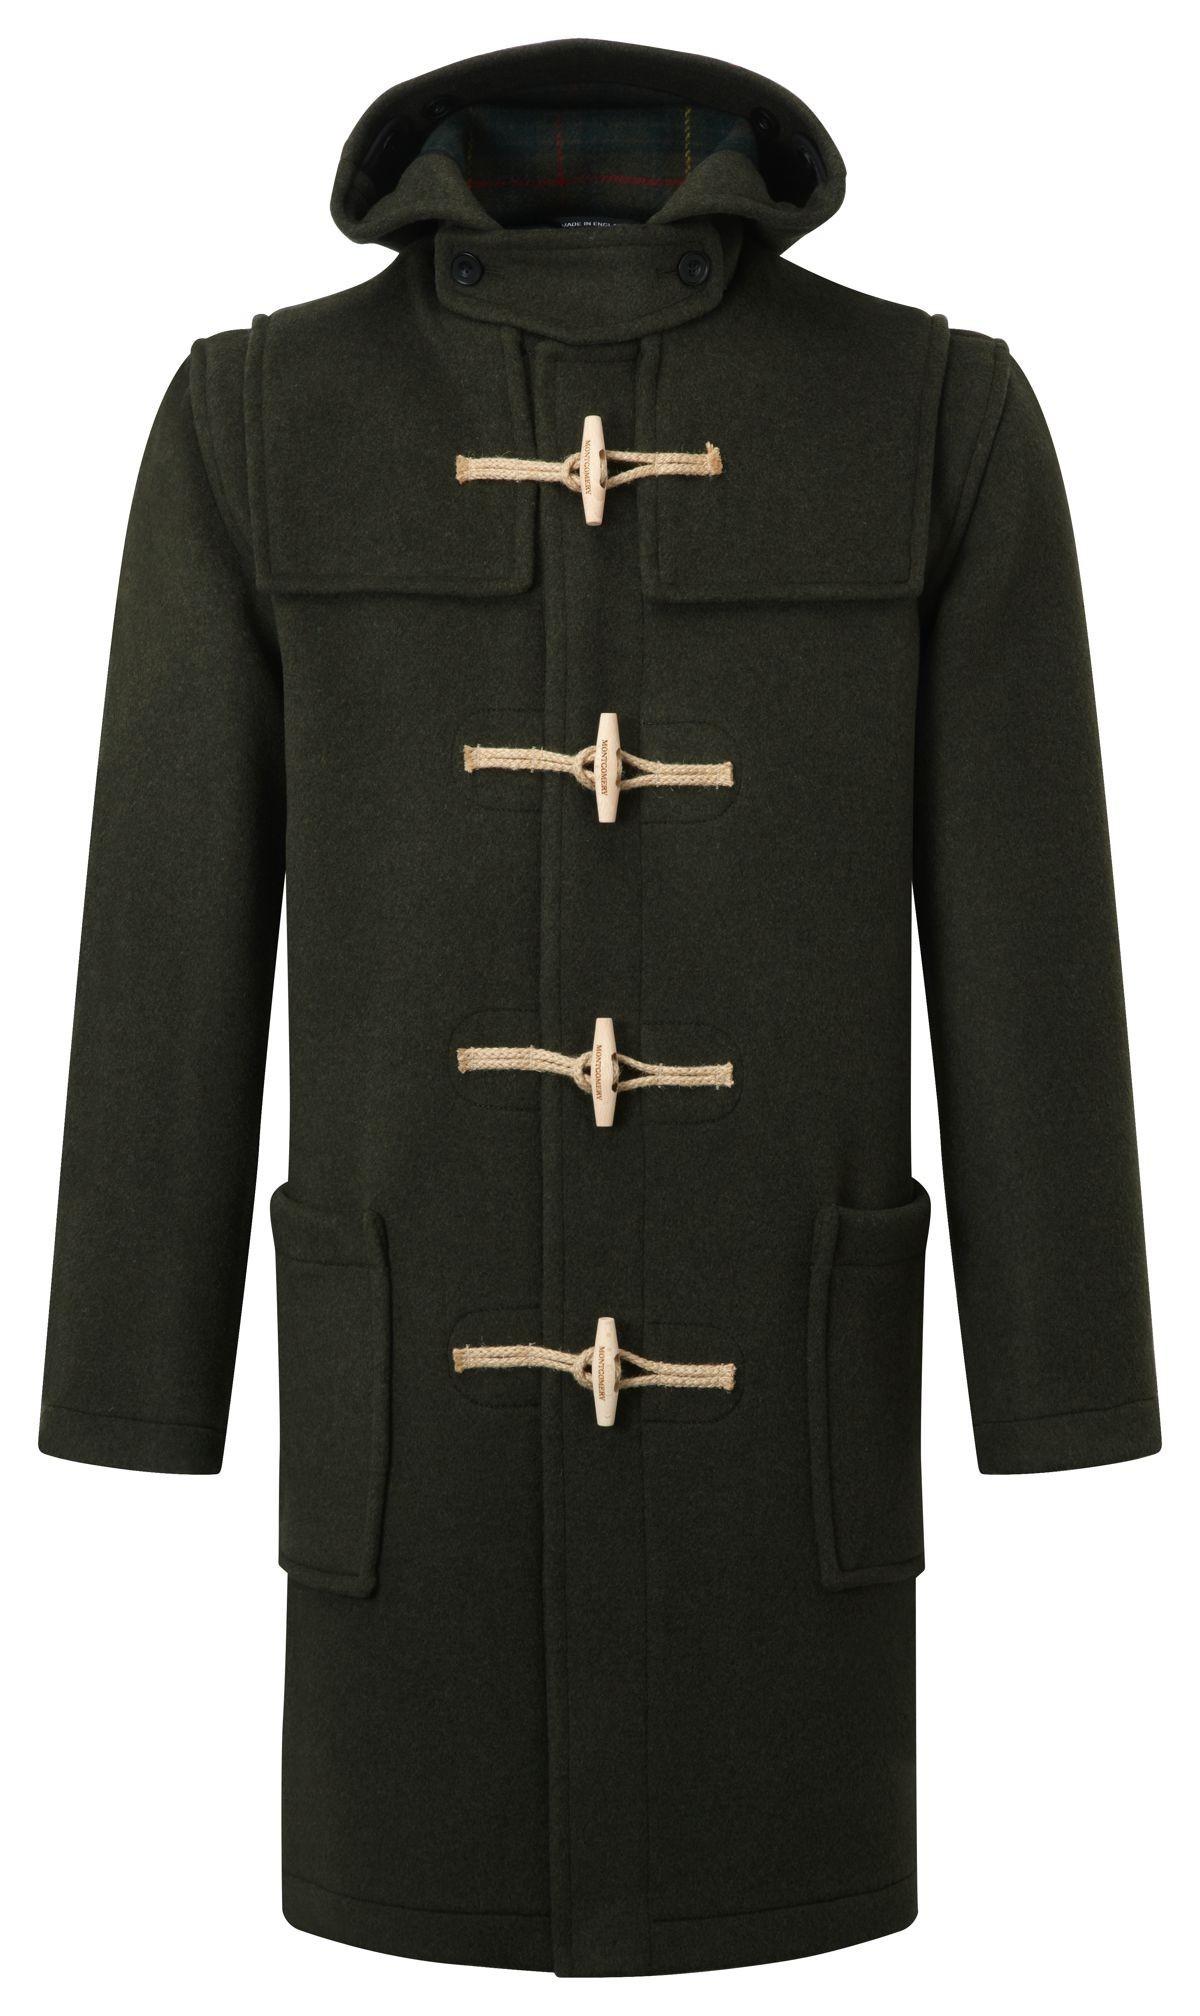 Choosing versatile outerwear styleforum